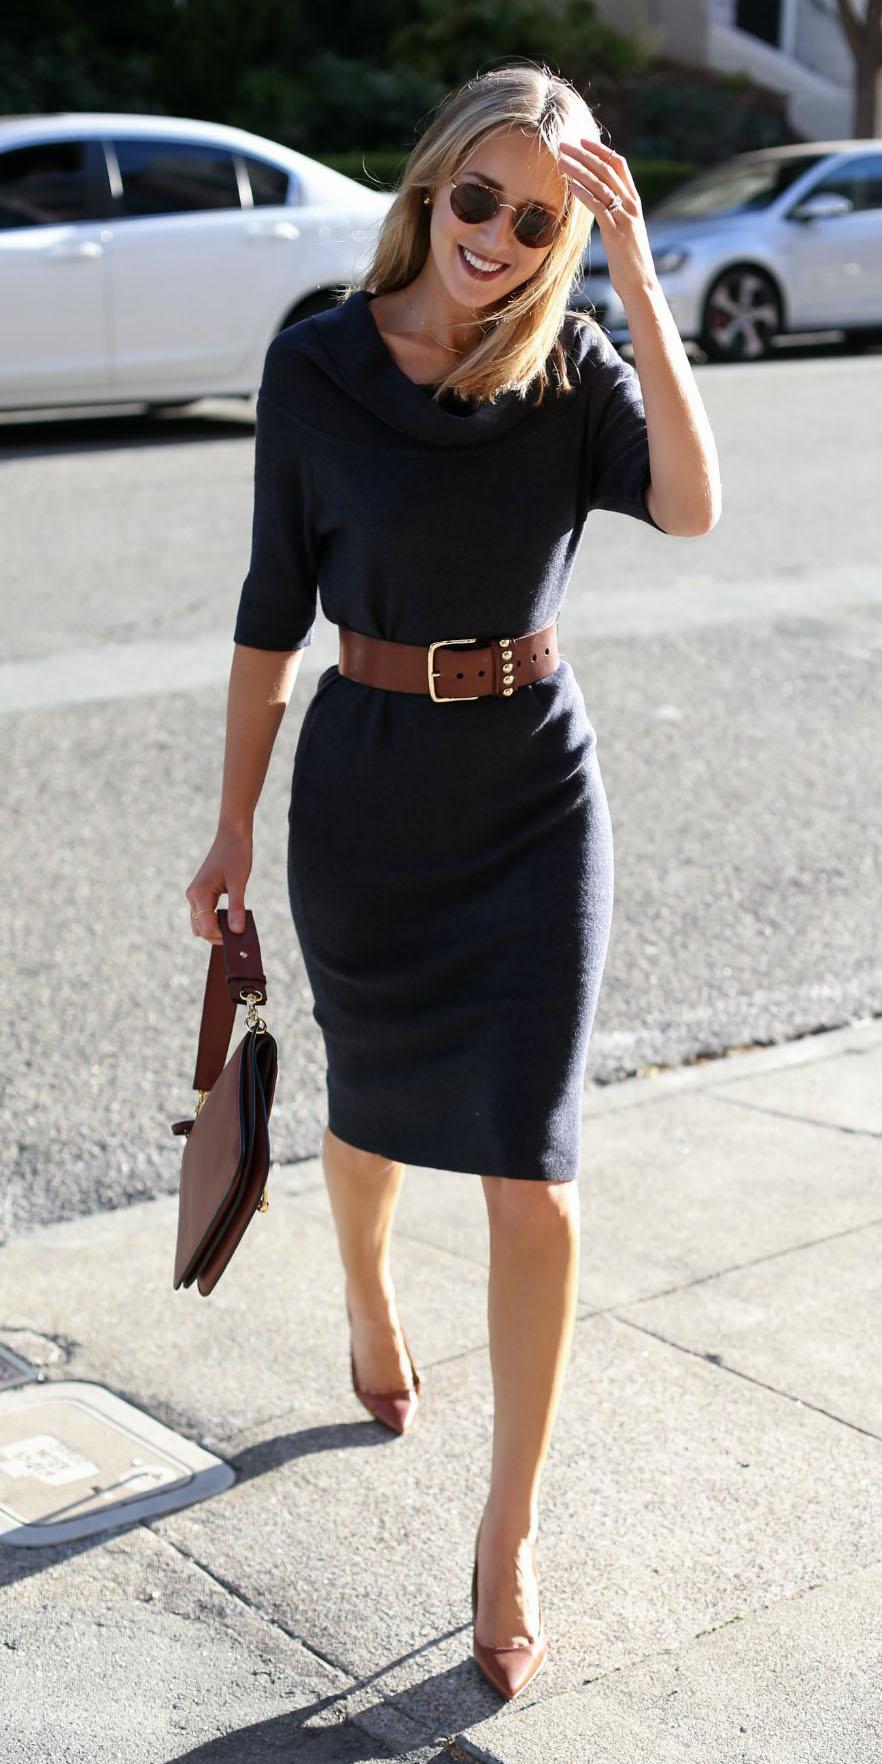 black-dress-sweater-belt-cognac-bag-cognac-shoe-pumps-sun-fall-winter-blonde-work.jpg